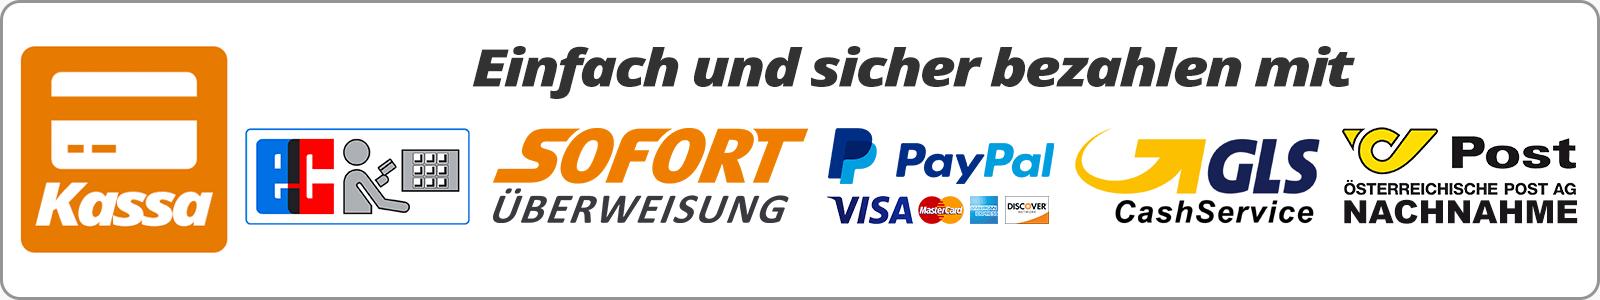 Einfach und sicher bezahlen mit SOFORT-Überweisung, PayPal, MasterCard, VISA, American Express, Discover, Nachnahme, Banküberweisung oder Zahlung bei Abholung im D-M-T Modellsport-Onlineshop